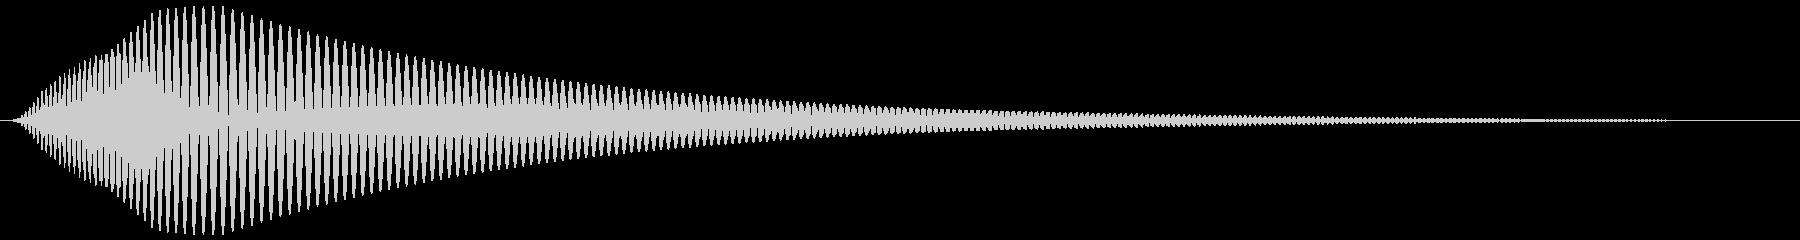 ジャンプ 低い音(ボォォン)の未再生の波形